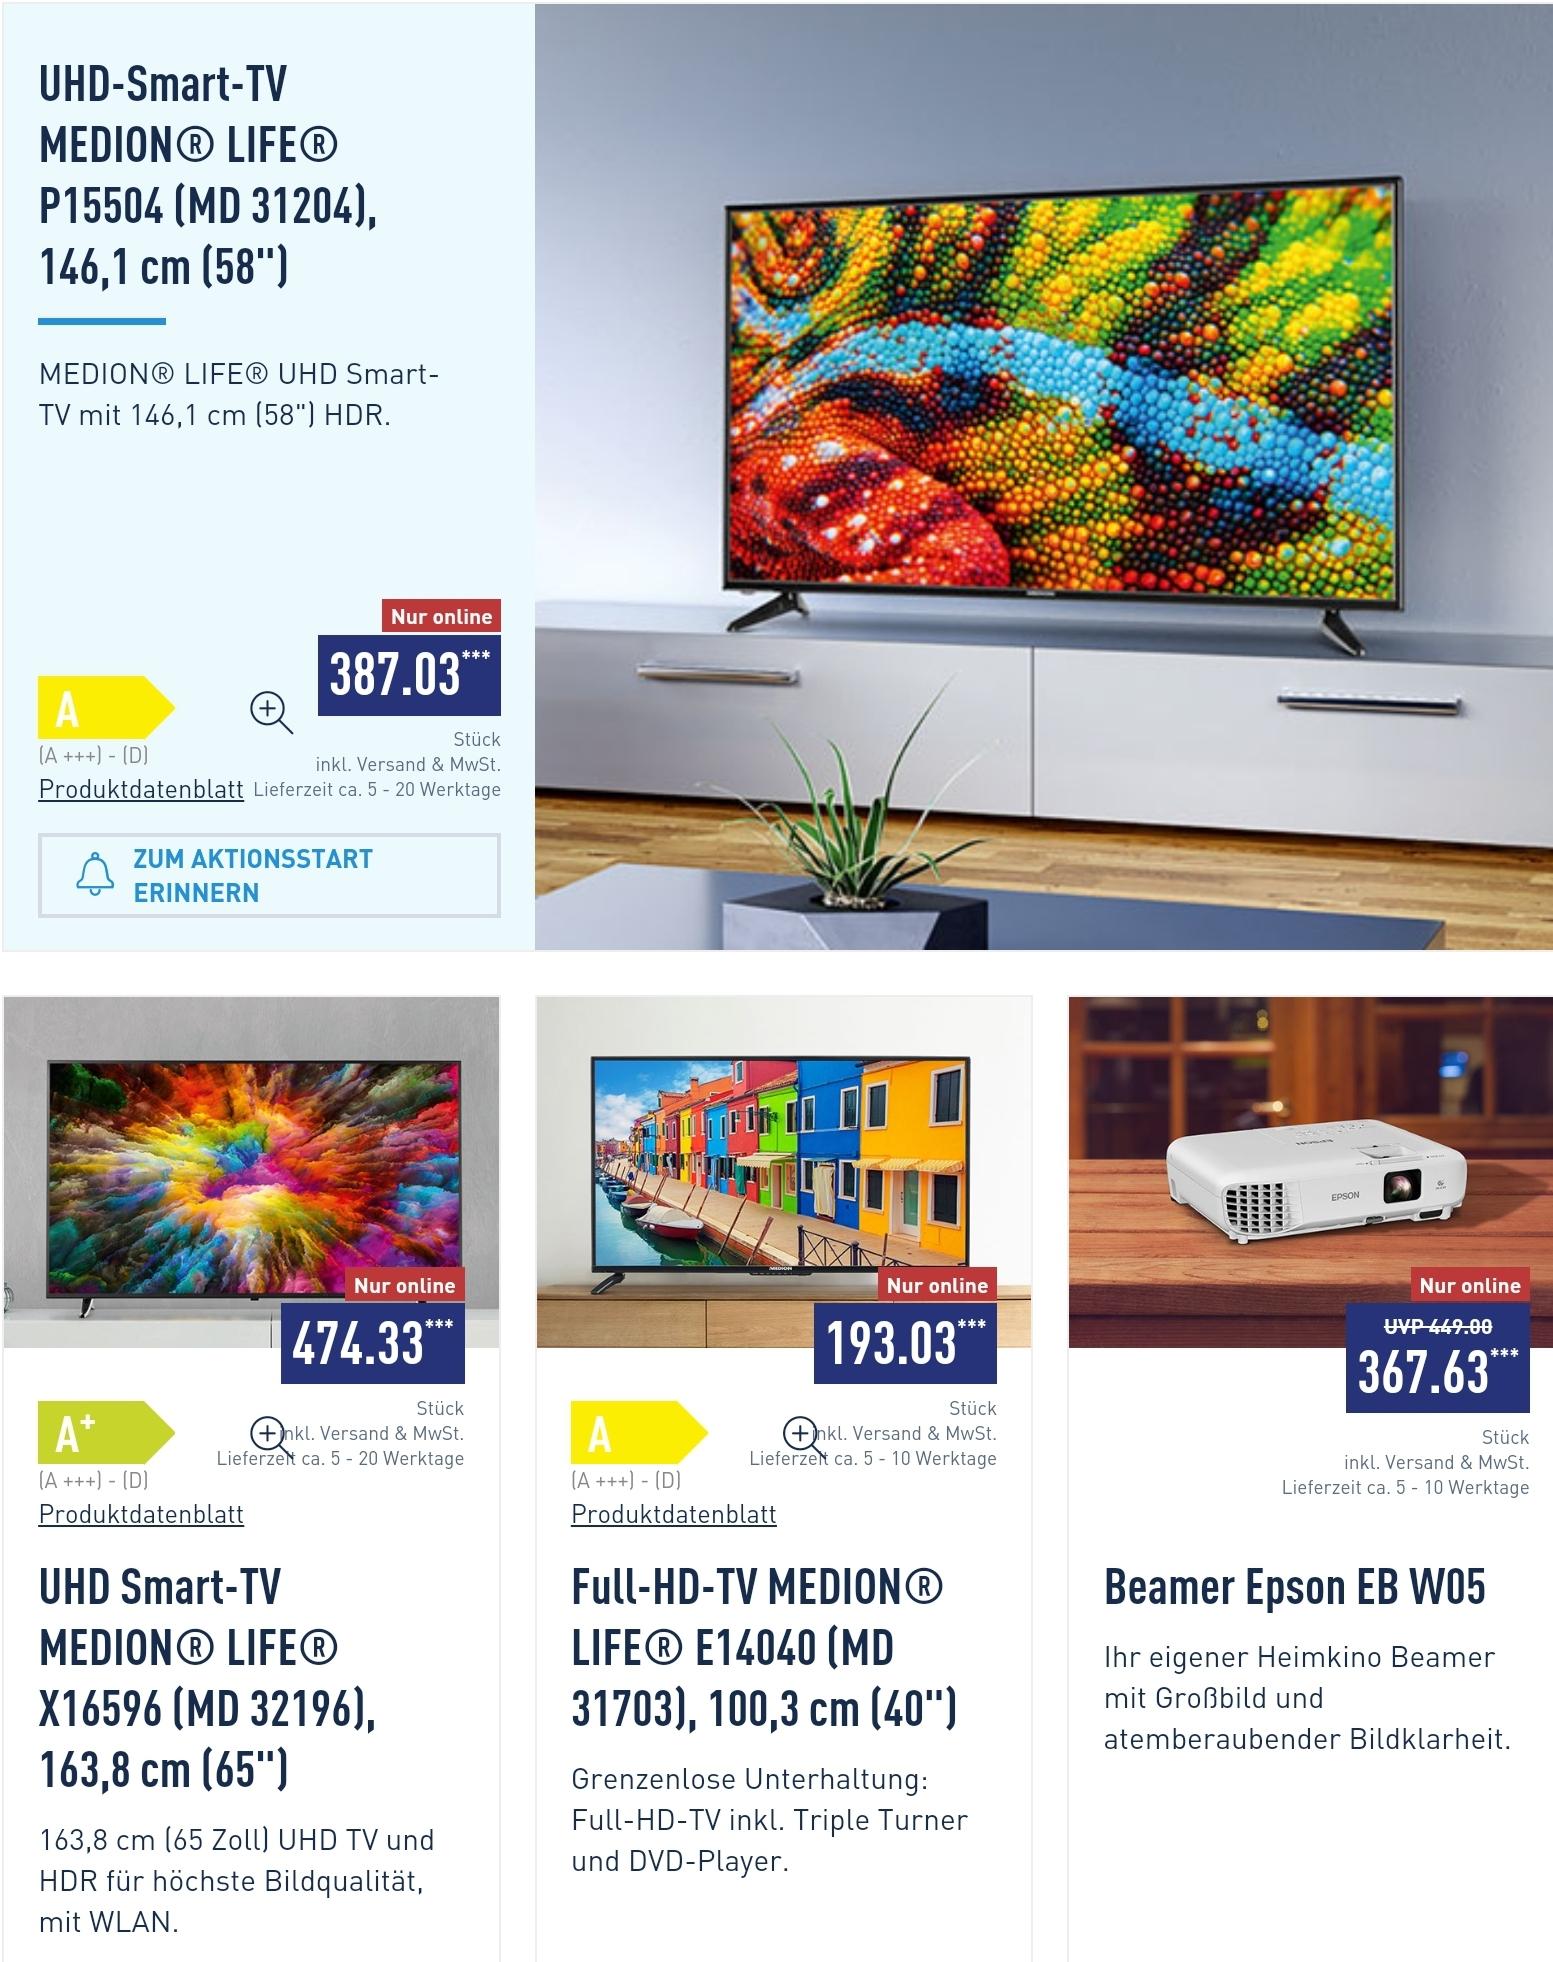 (Aldi Nord) UHD Smart-TV MEDION® LIFE® X16596 (MD 32196), 163,8 cm 65 Zoll (auch 58 Zoll für 387,03€ oder 40 Zoll für 193,03€) inkl. Versand